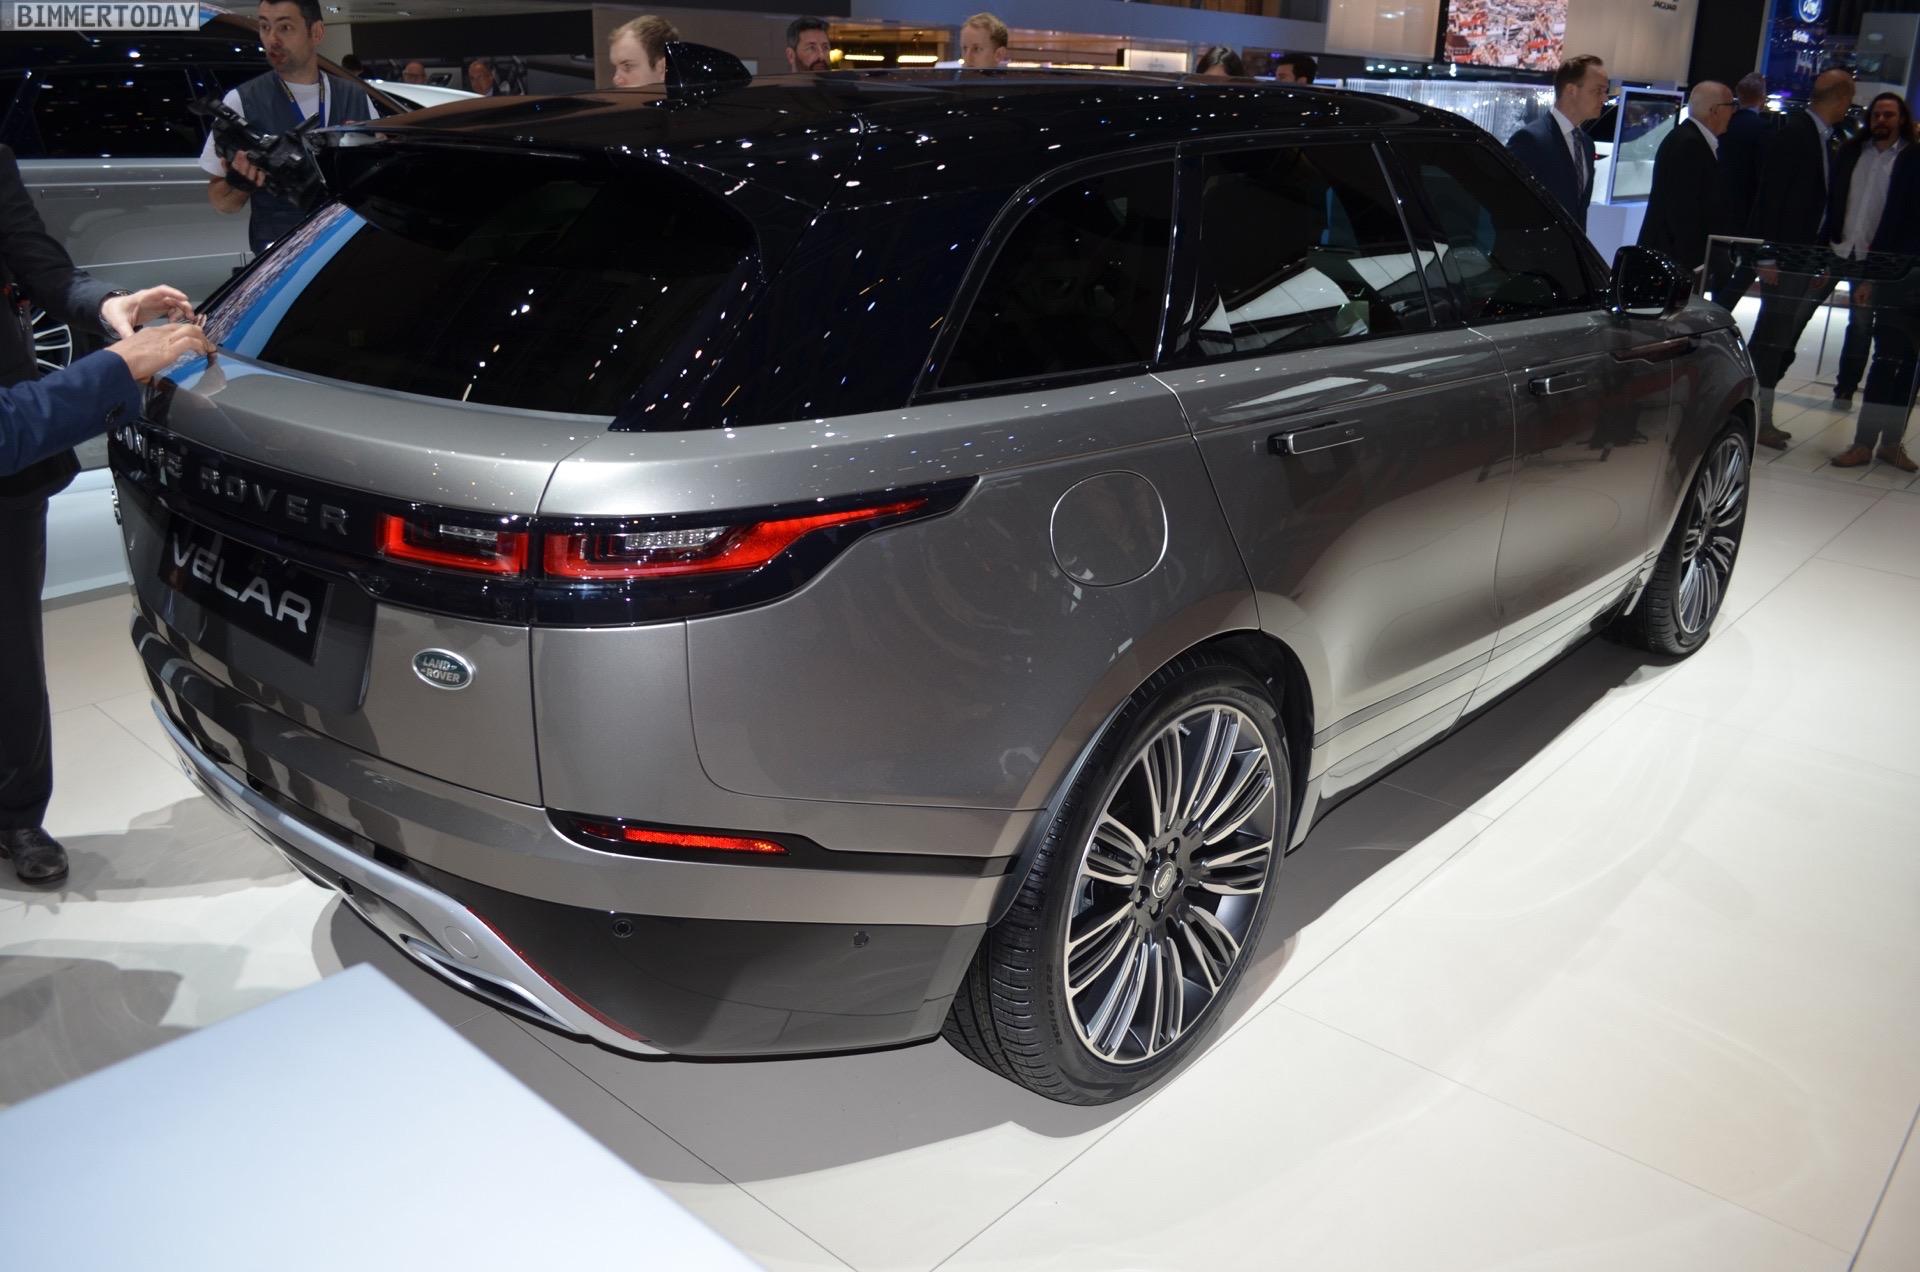 2018 X3 Vs X5 >> Range Rover Velar comes to Geneva to challenge the BMW X5